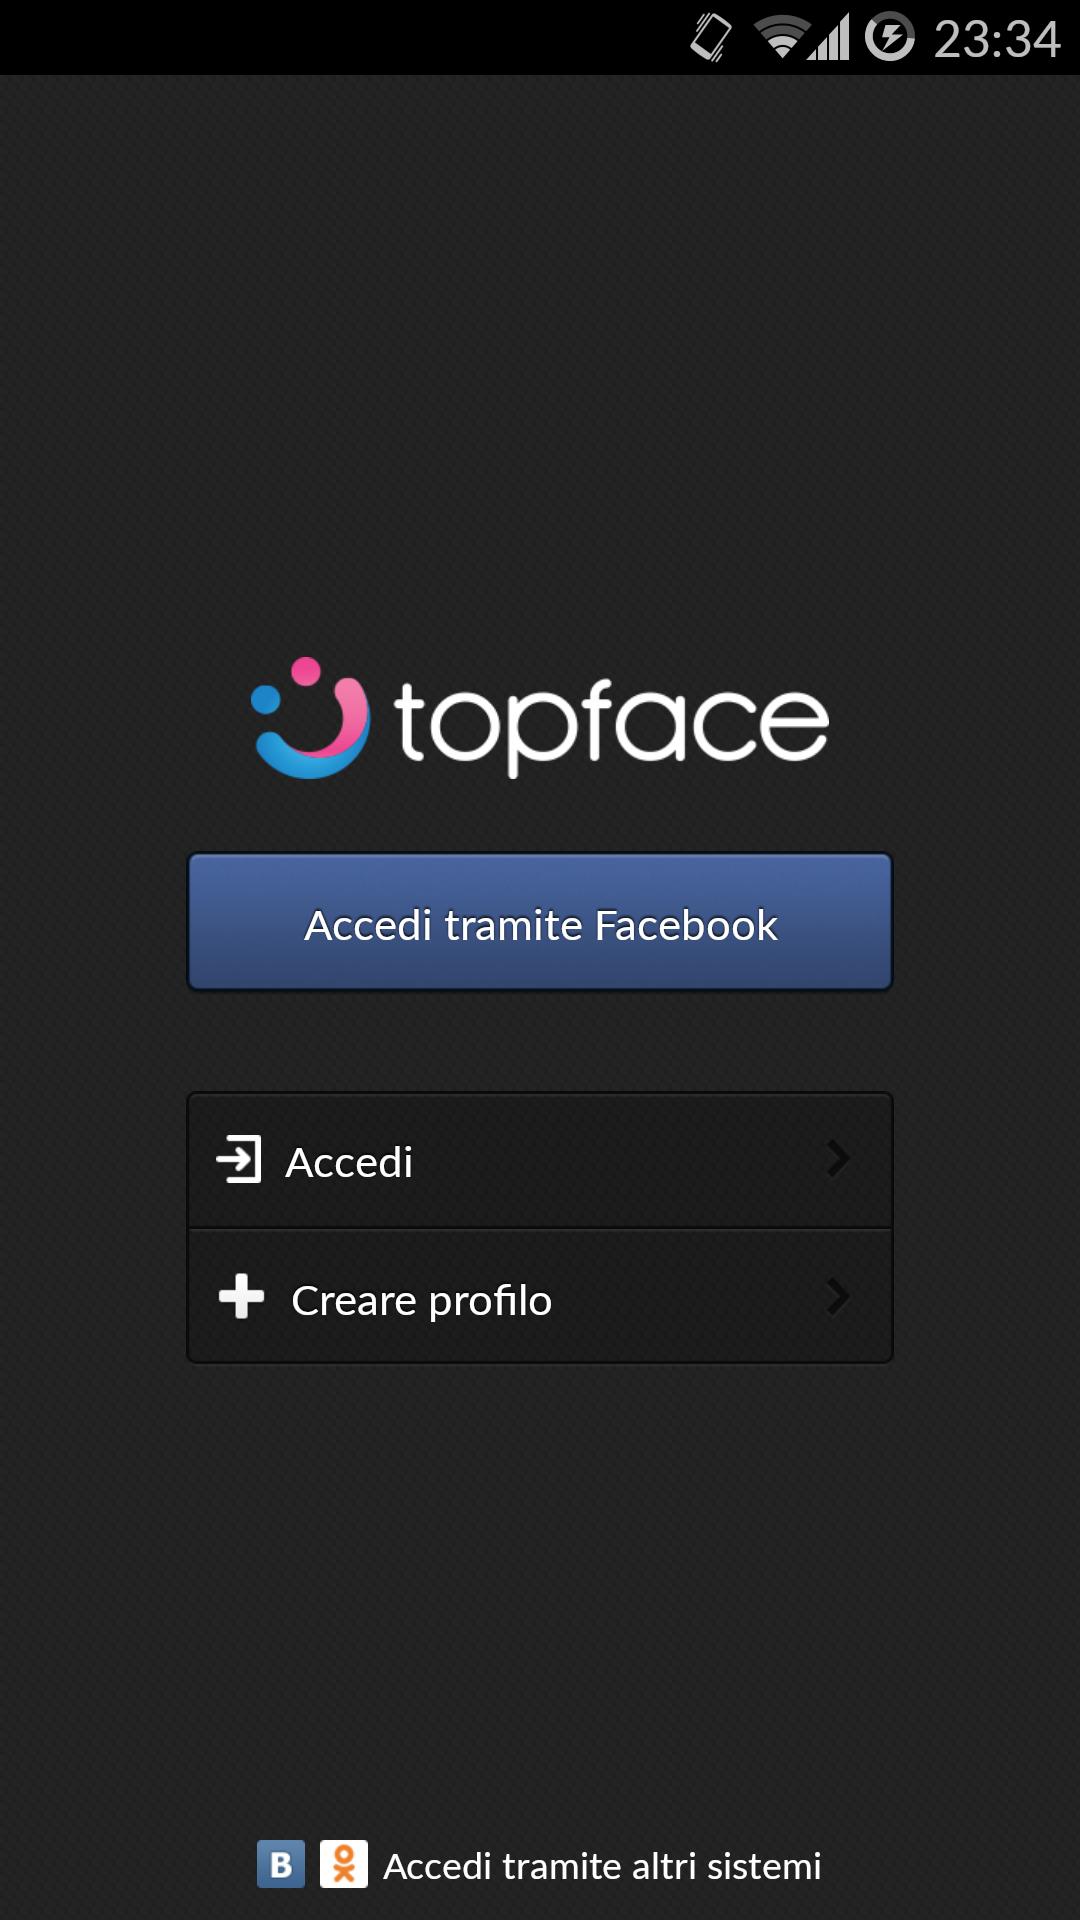 Sito Web di incontri Topface